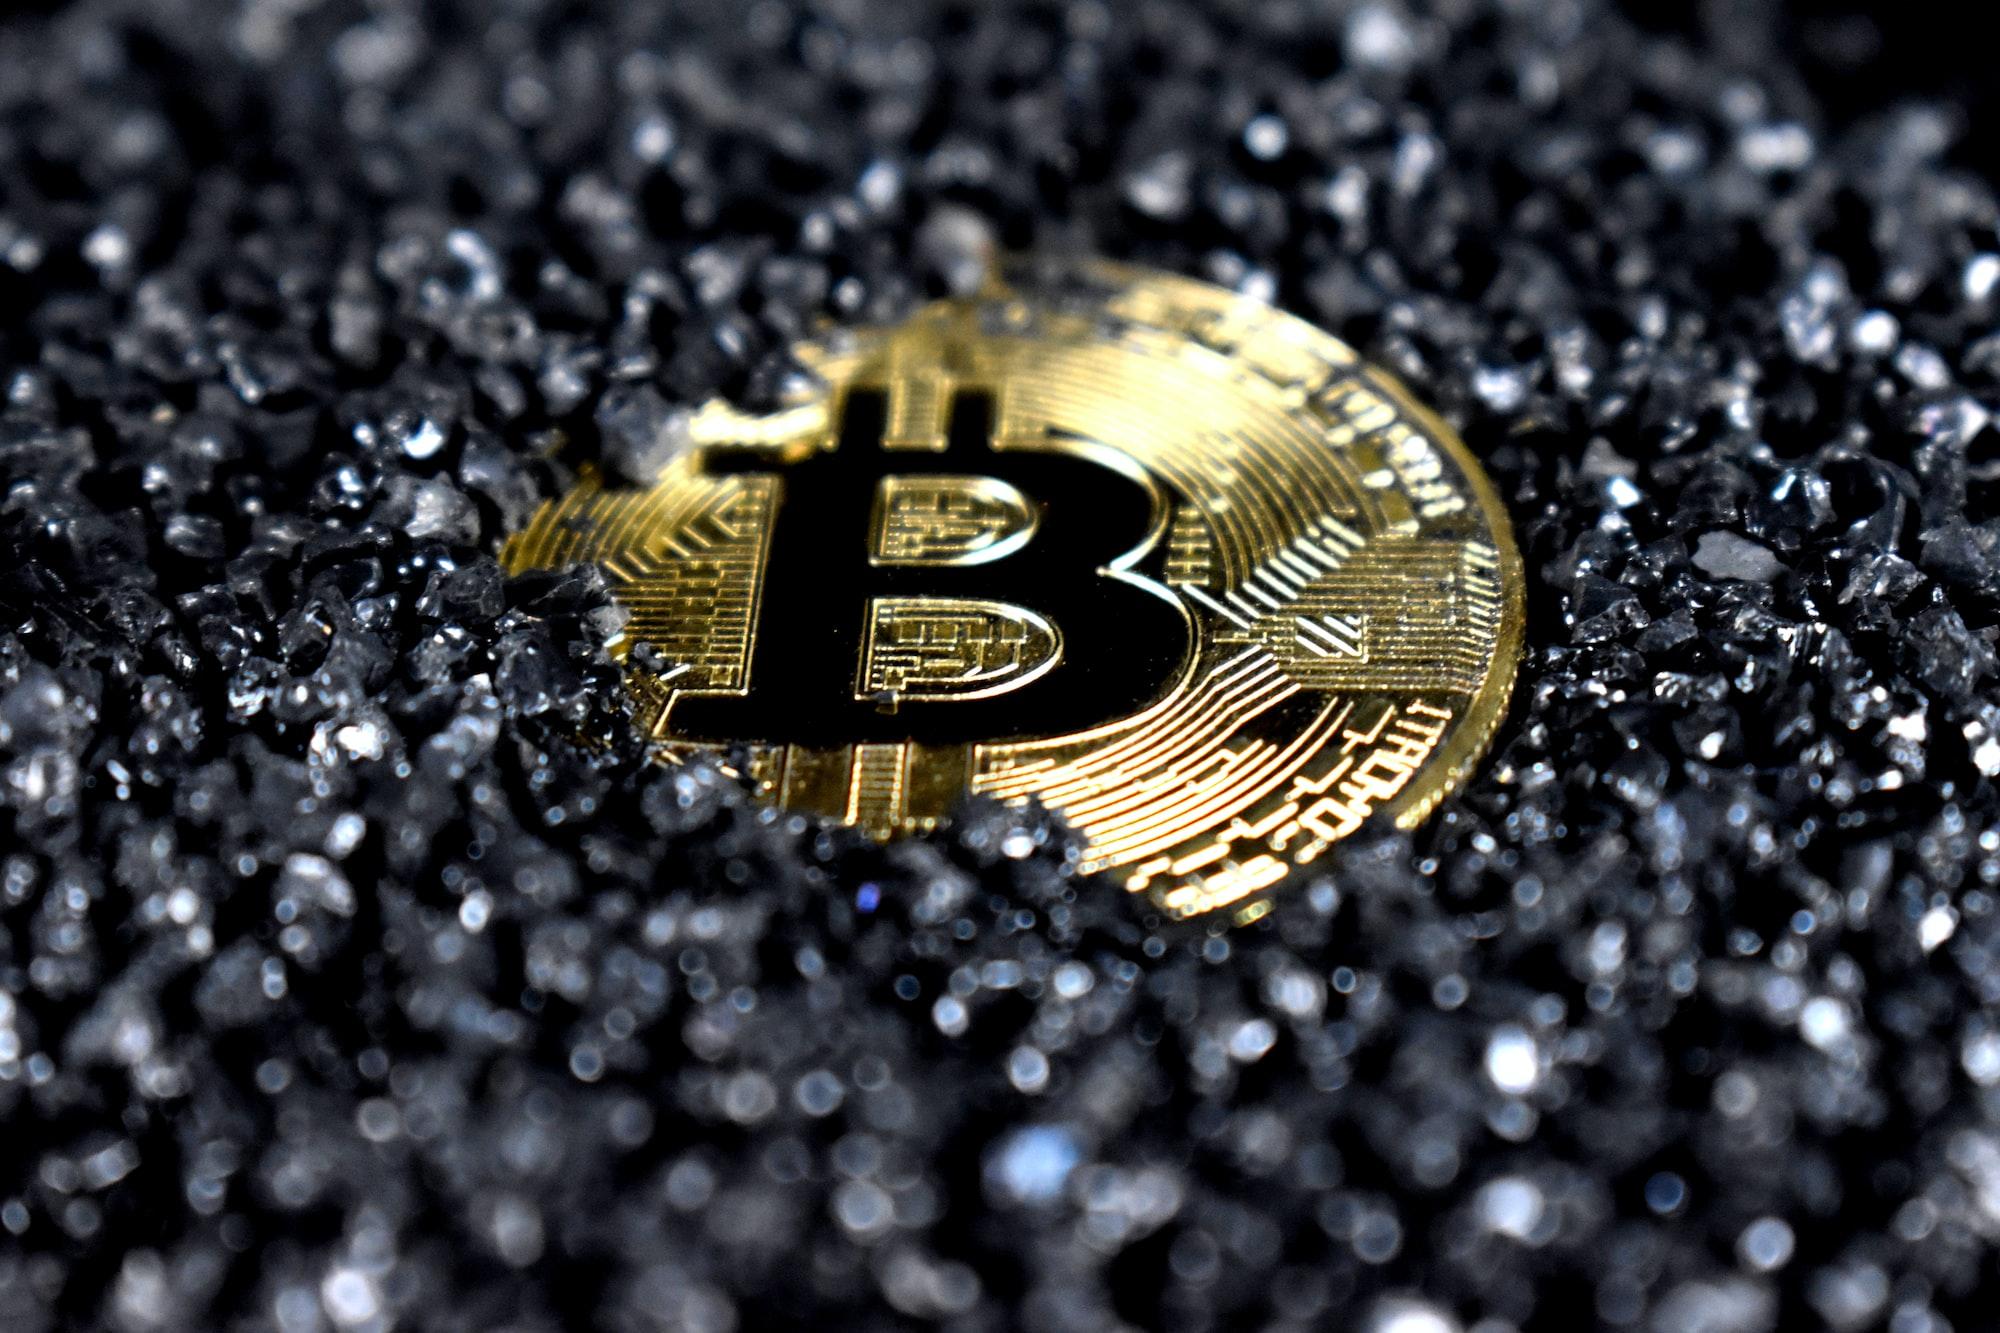 บริษัทมหาชน 25 แห่ง ถือ Bitcoin รวมทั้งสิ้น 178,855 เหรียญ!